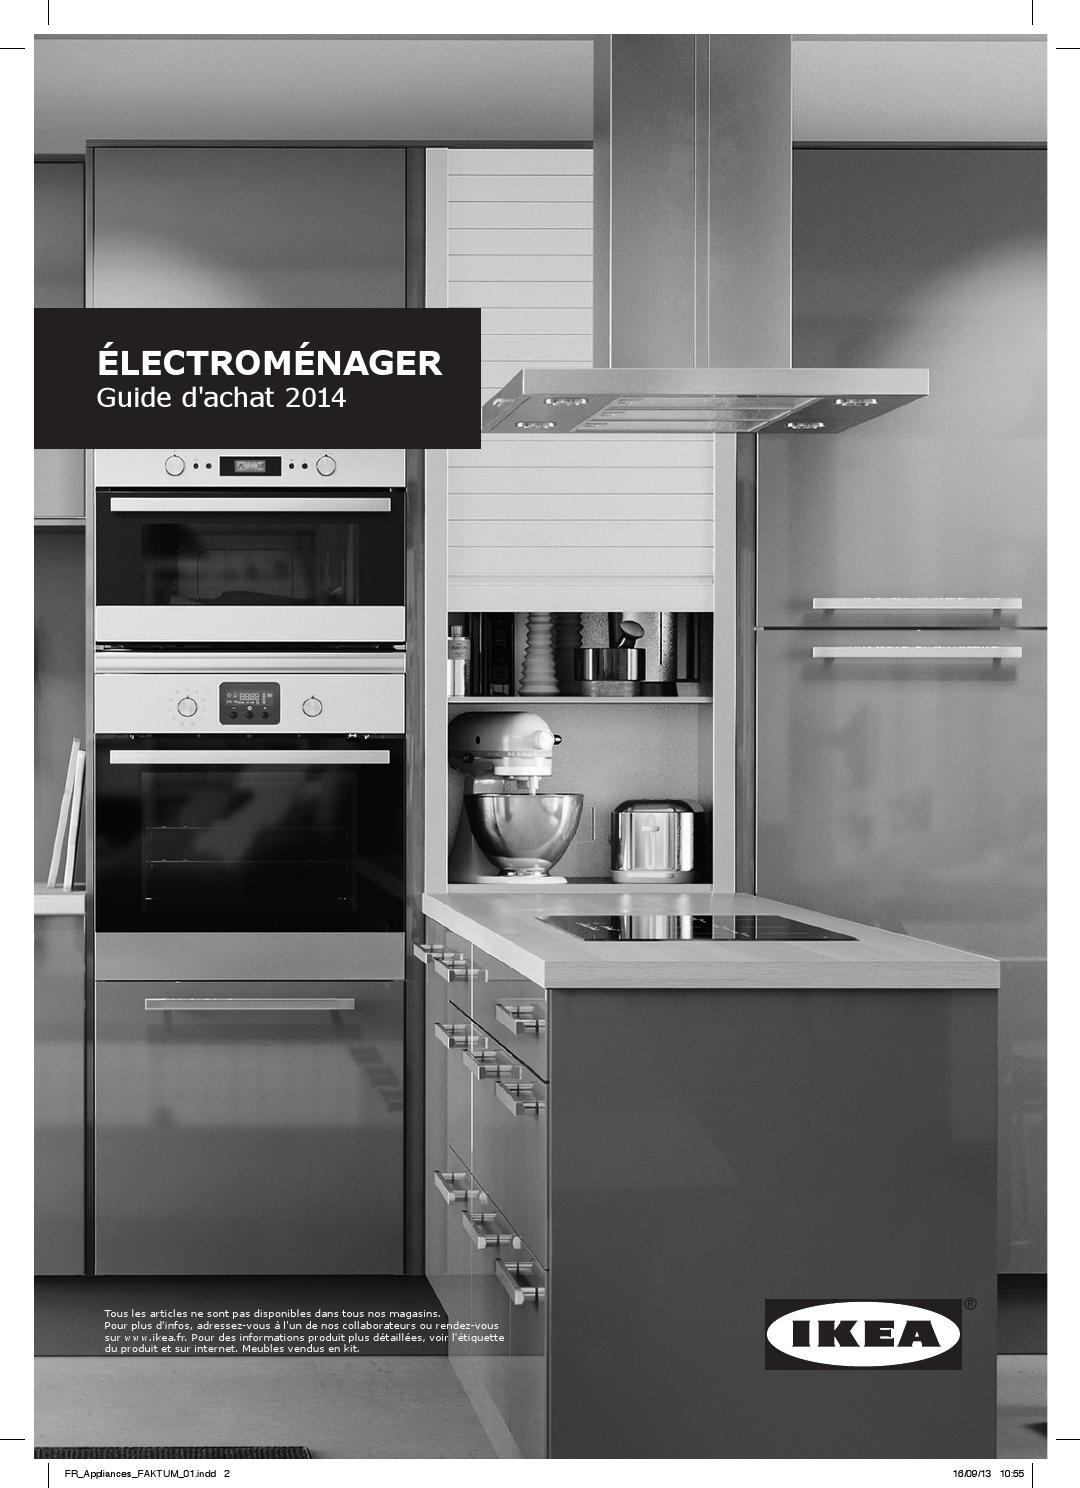 Electromenager ikea franc by ikea catalog issuu for Electromenager cuisine